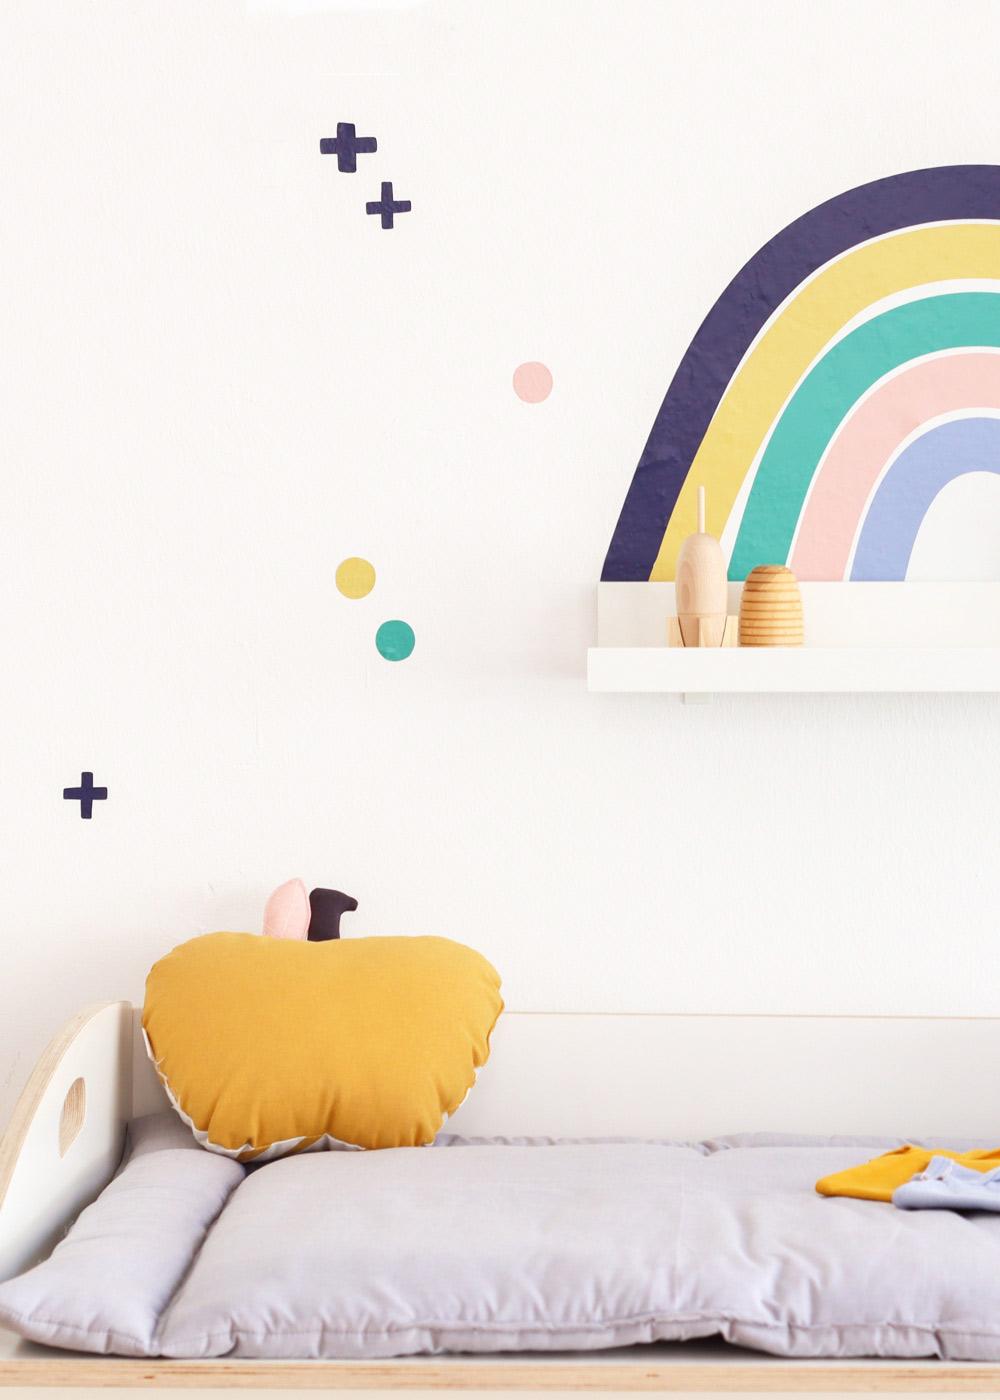 Ikea Mosslanda Bilderleiste Vielfalt Regenbogen Nachtblau Senf Teilansicht Regenbogen